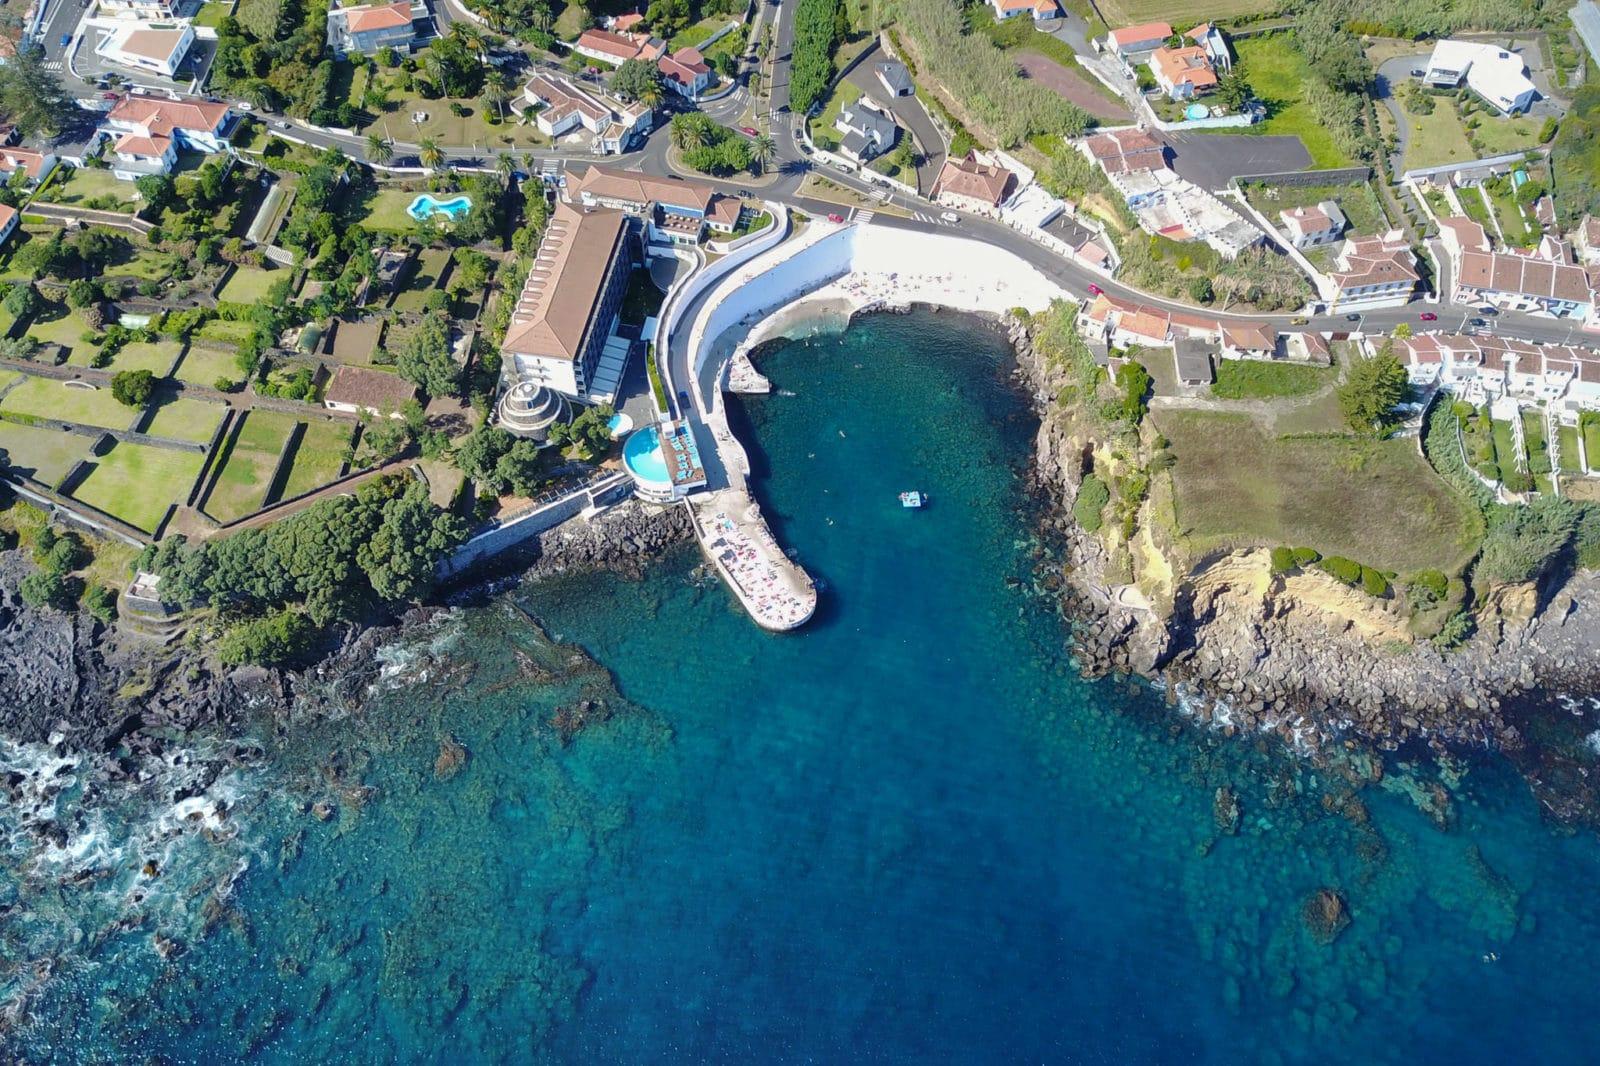 Комплекс Silveira, видно пологий спуск в воду (фото: Moses Palermo)